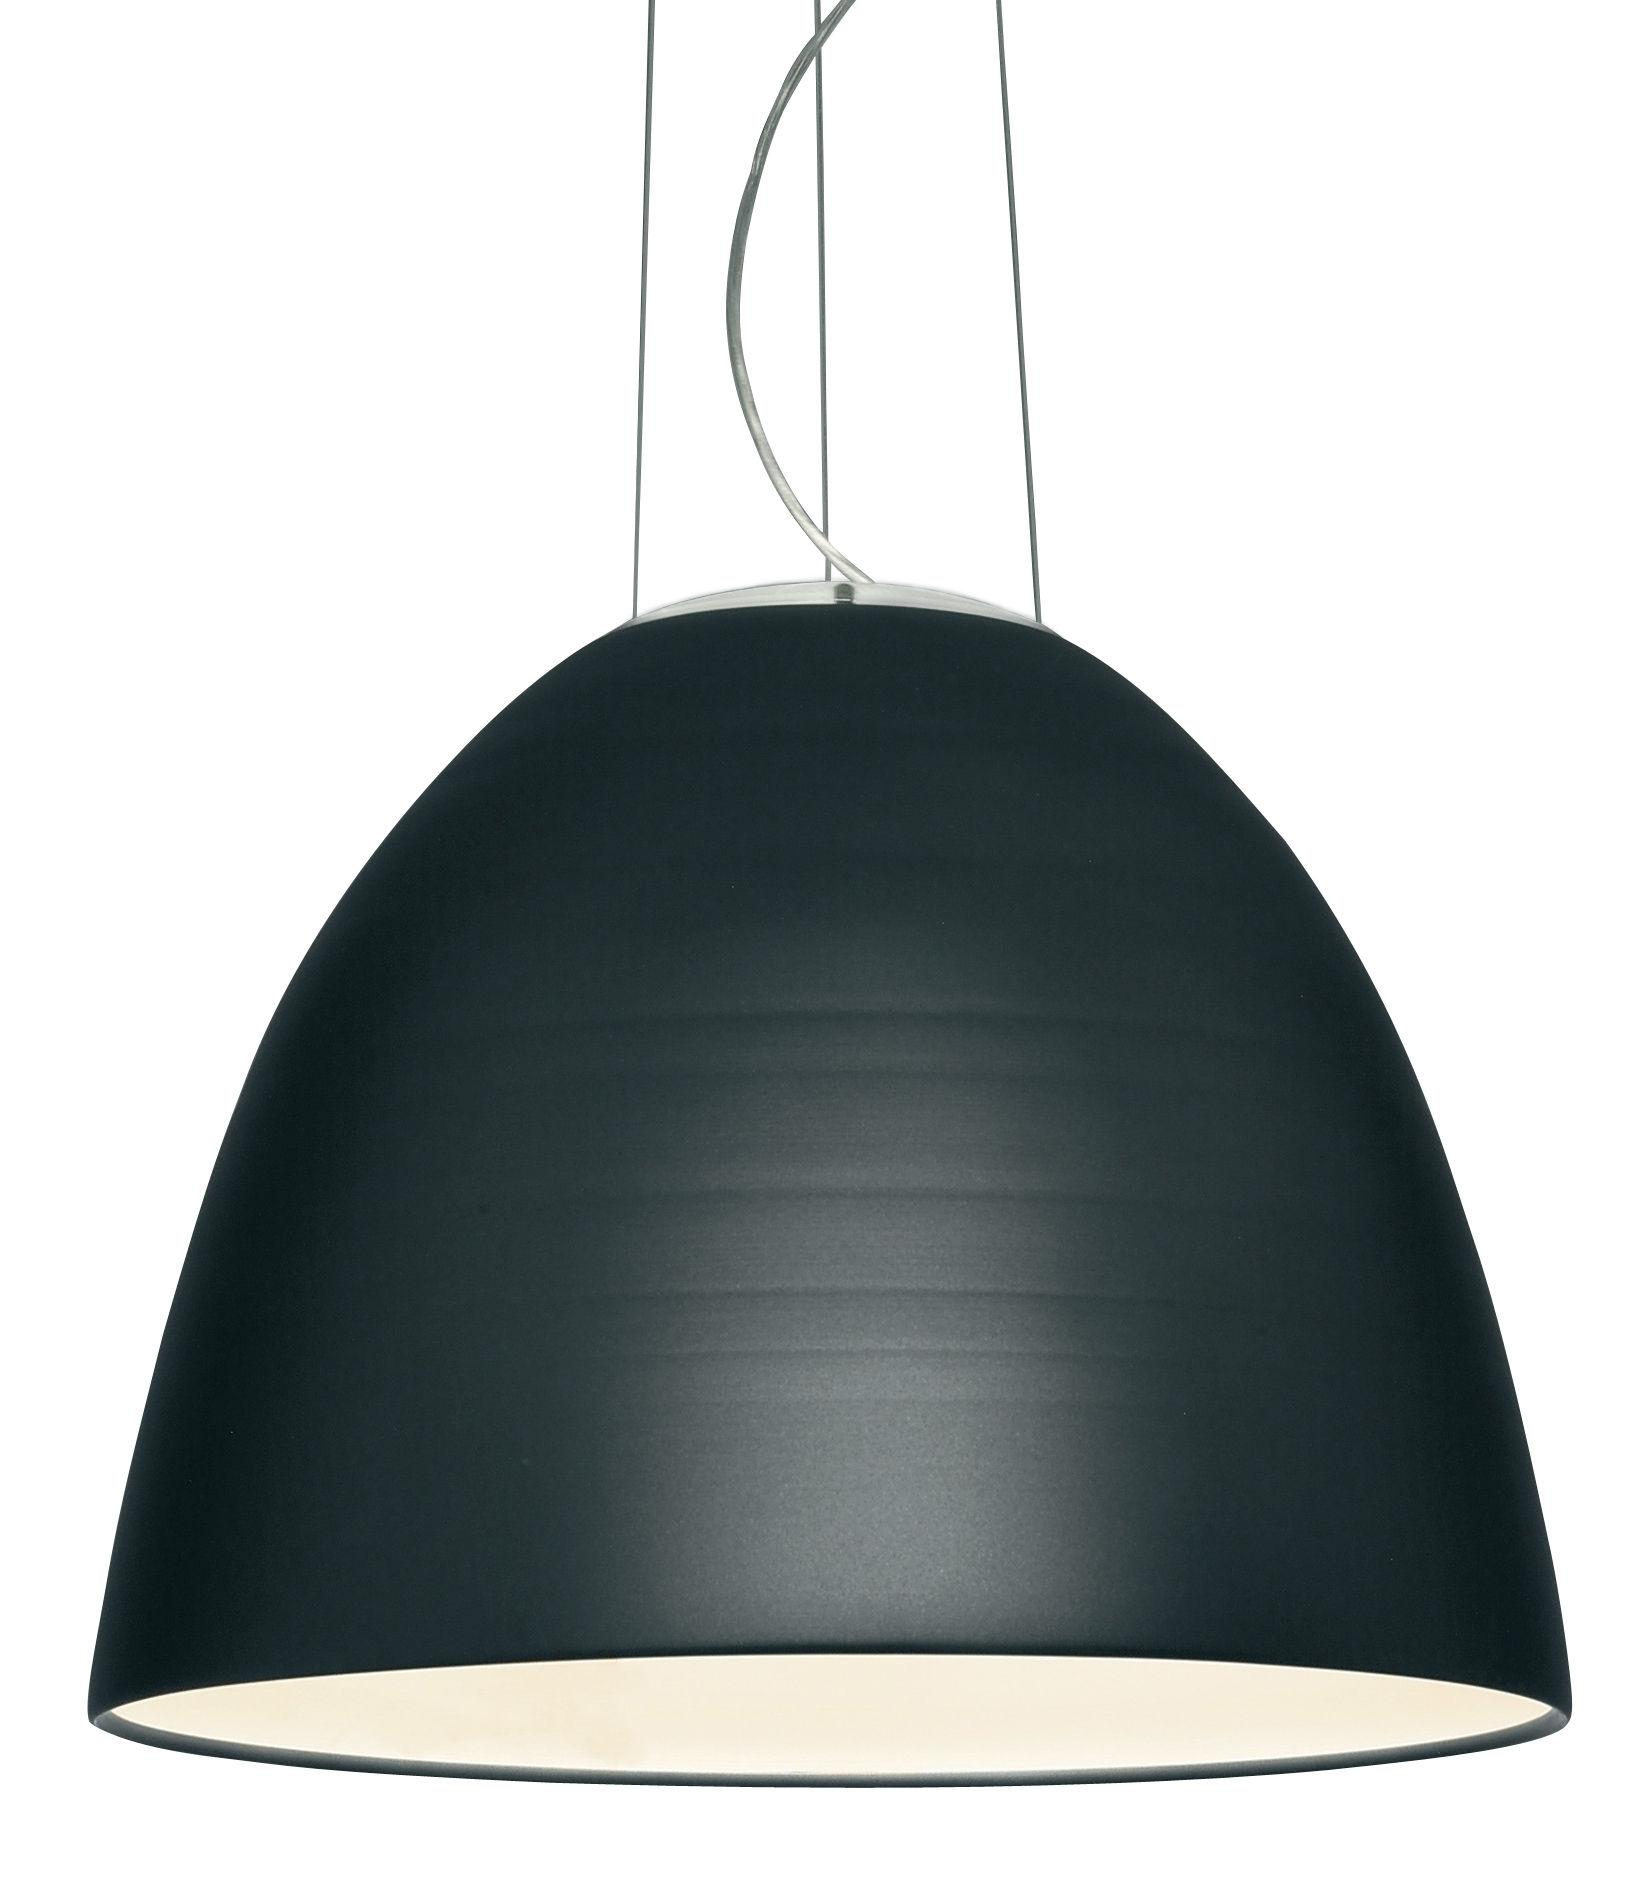 Leuchten - Pendelleuchten - Nur LED Pendelleuchte / Ø 55 cm - Artemide - Anthrazit-grau - Aluminium, Glas